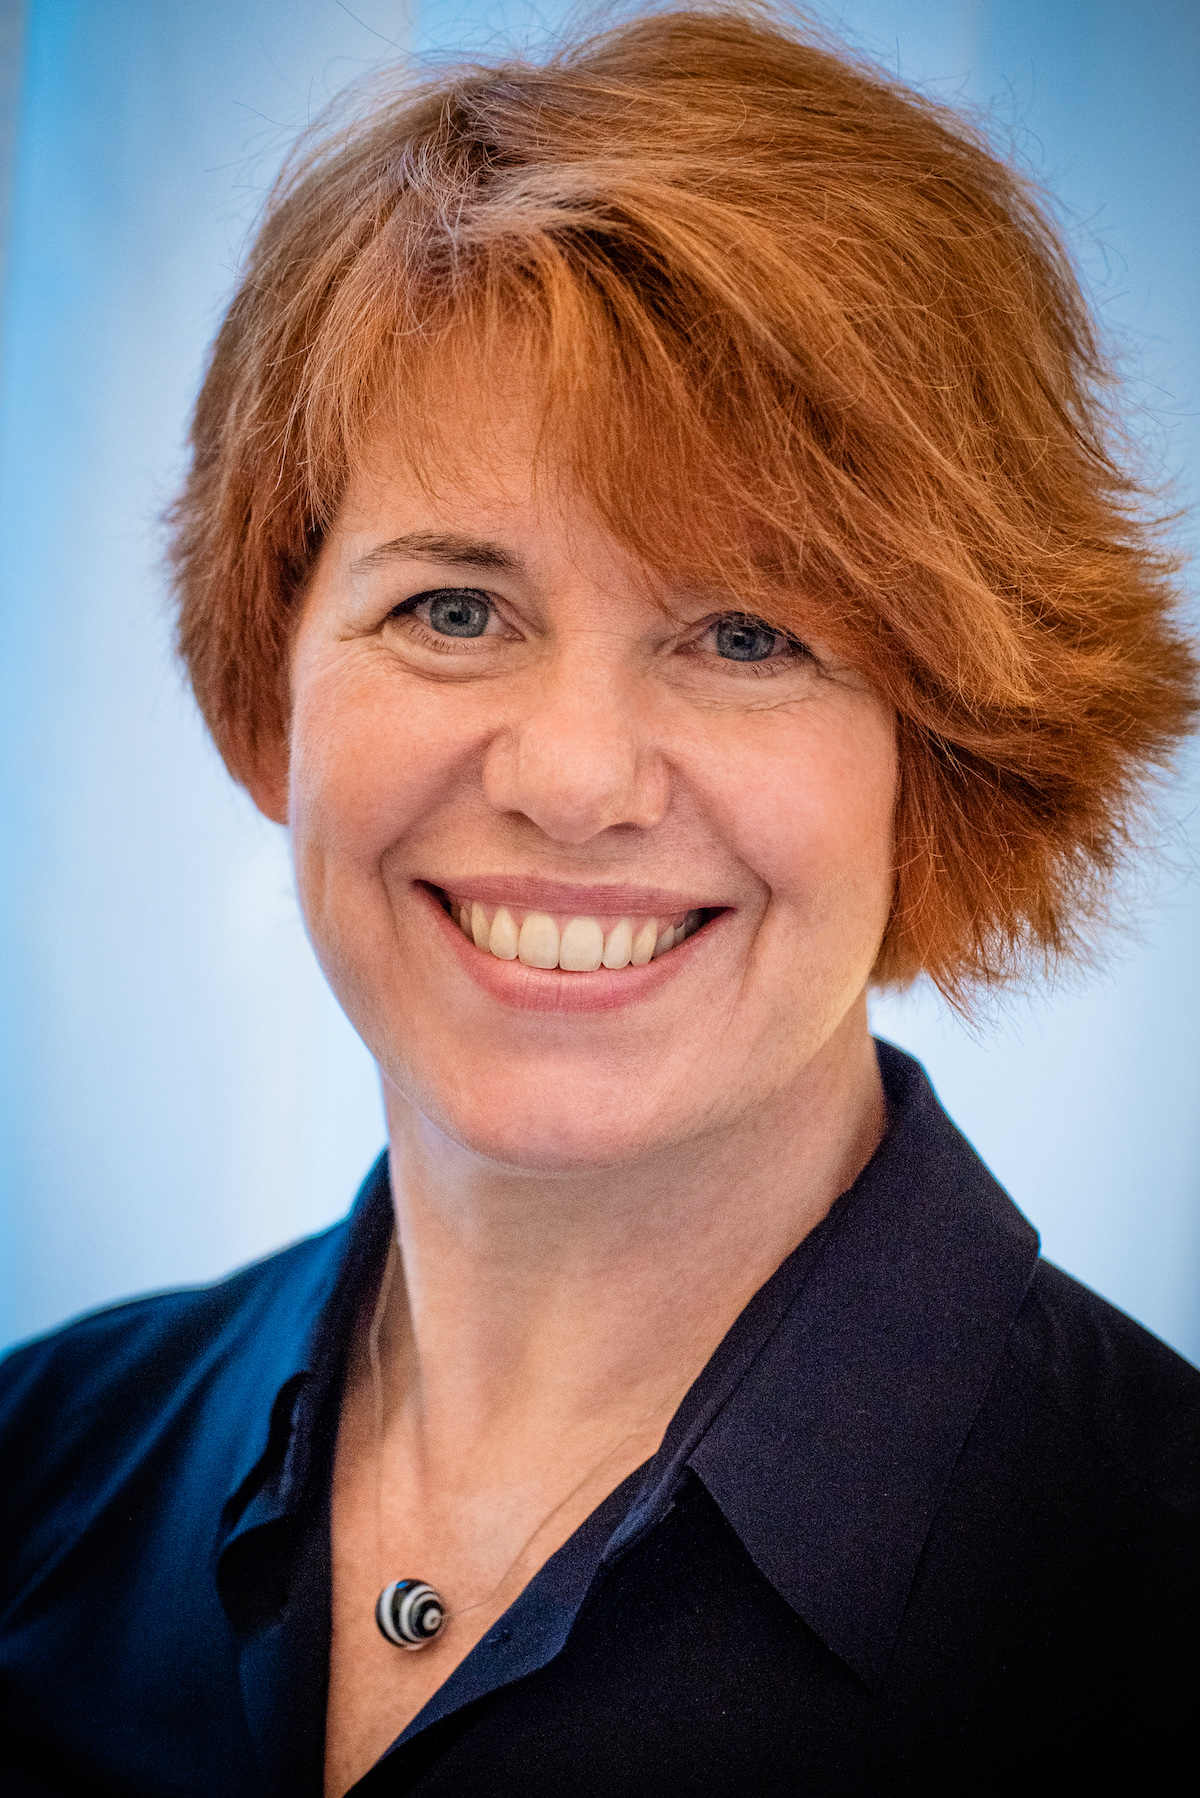 Picture Annette Erbe